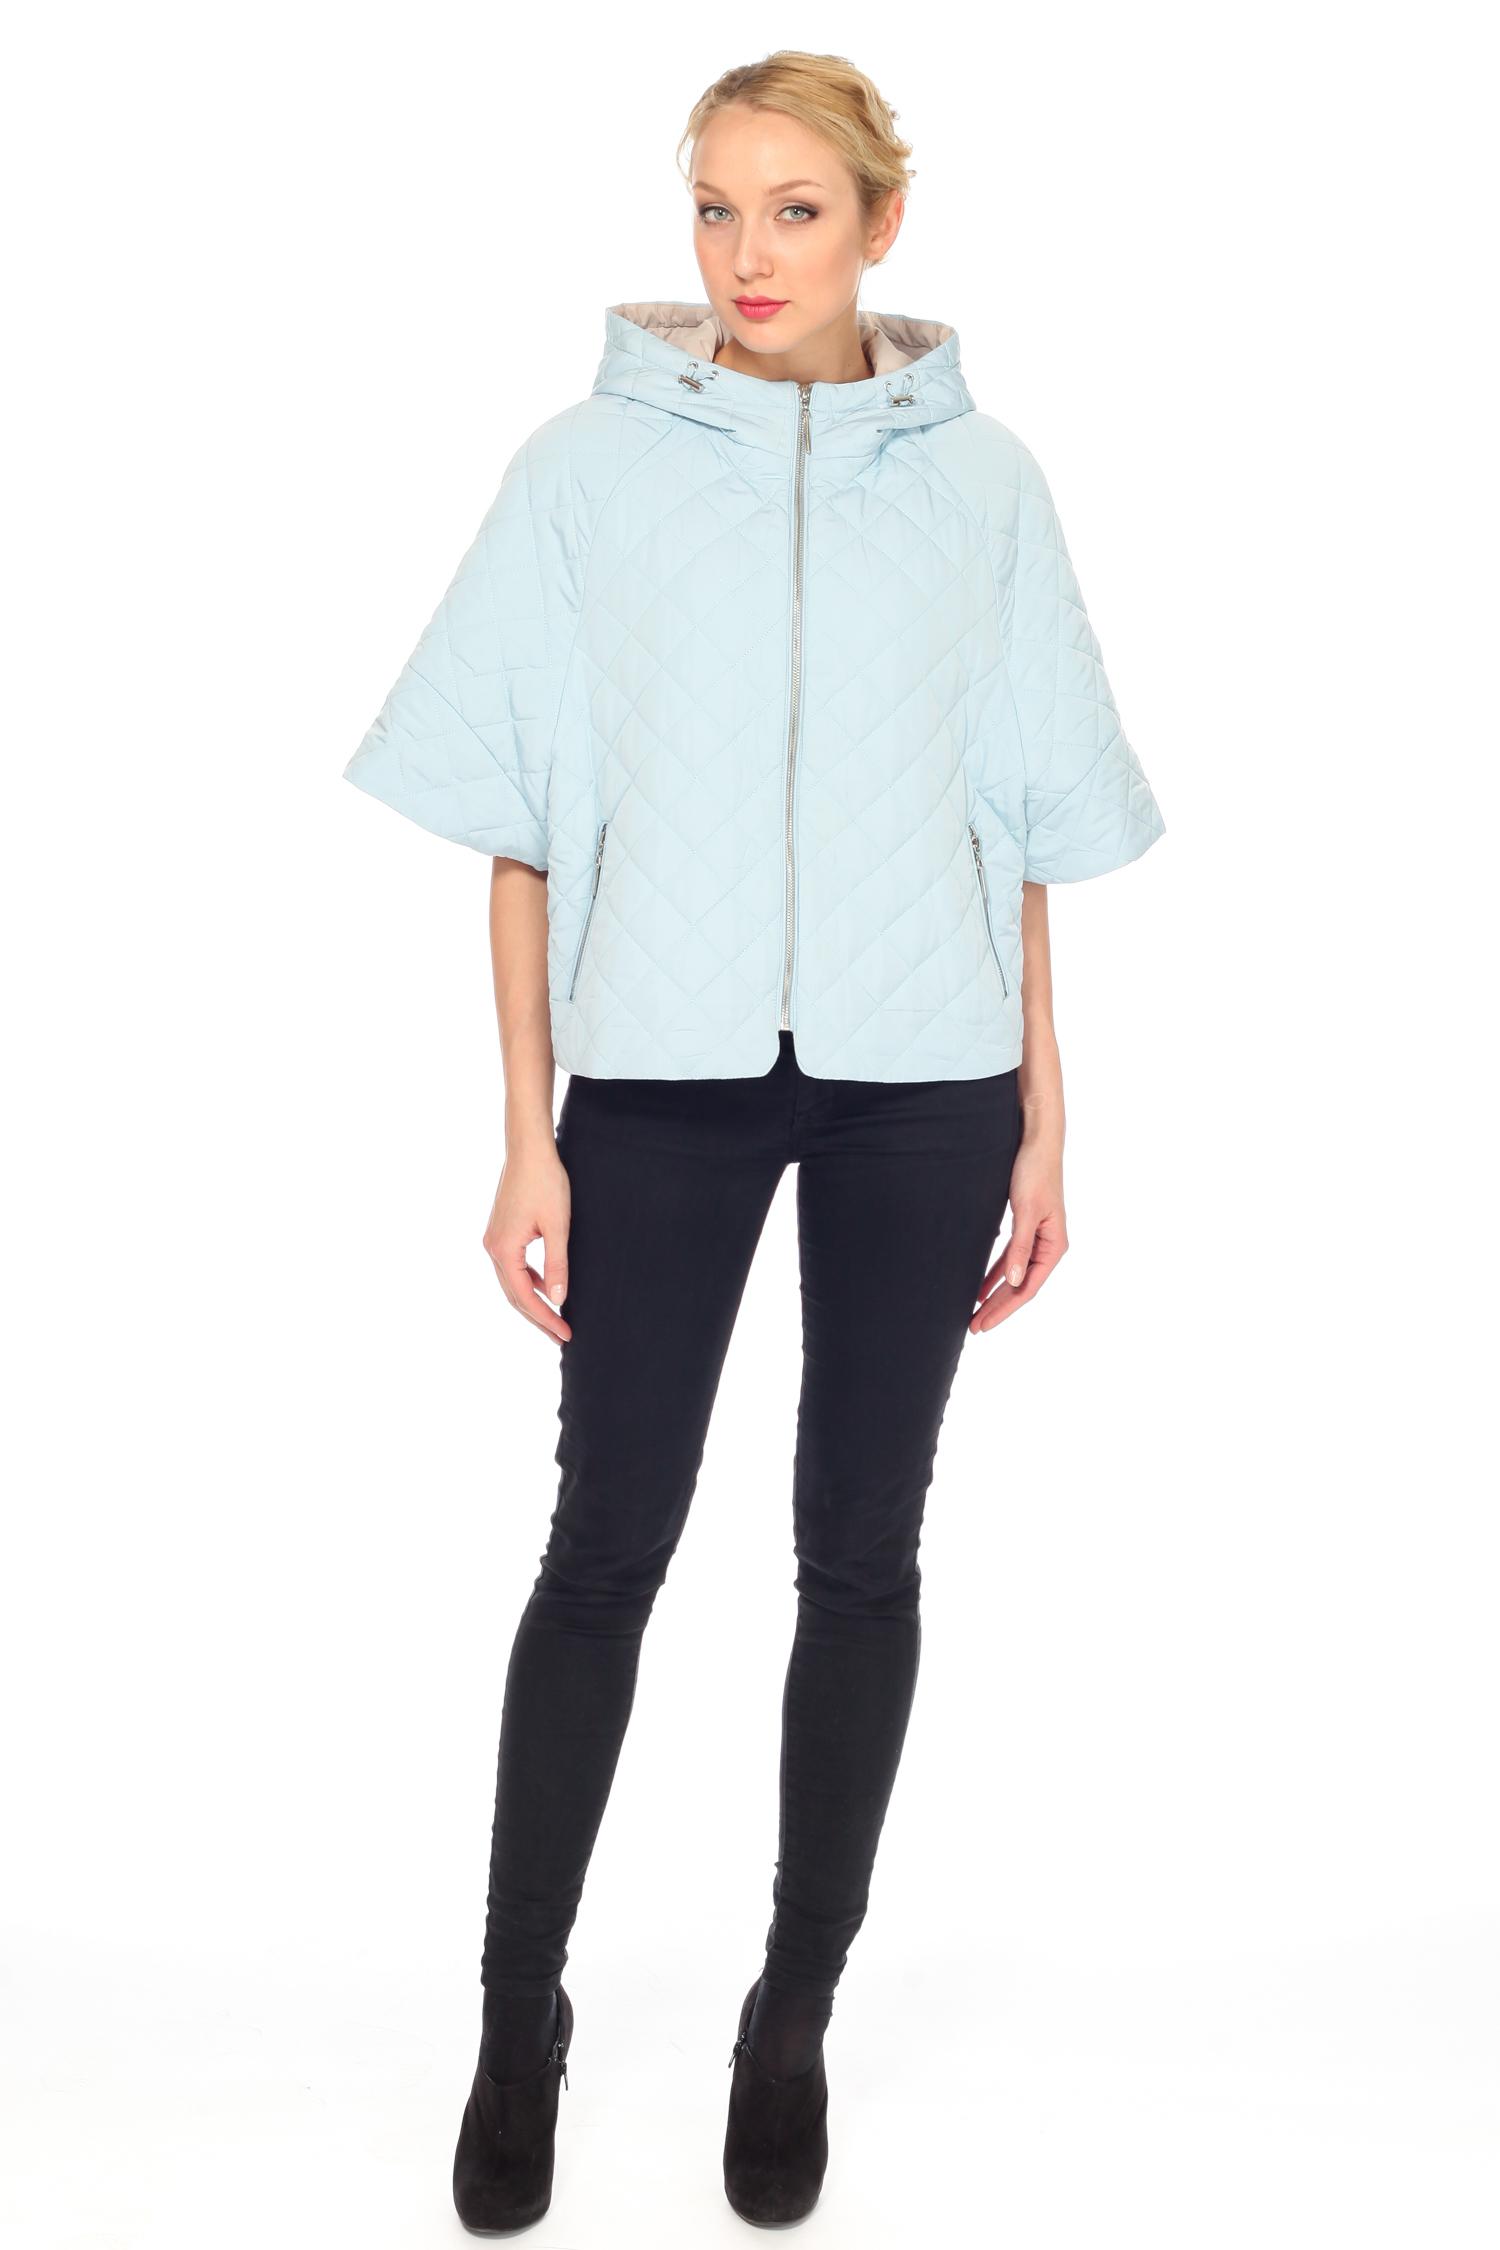 Куртка женская из текстиля с капюшоном, без отделки от Московская Меховая Компания